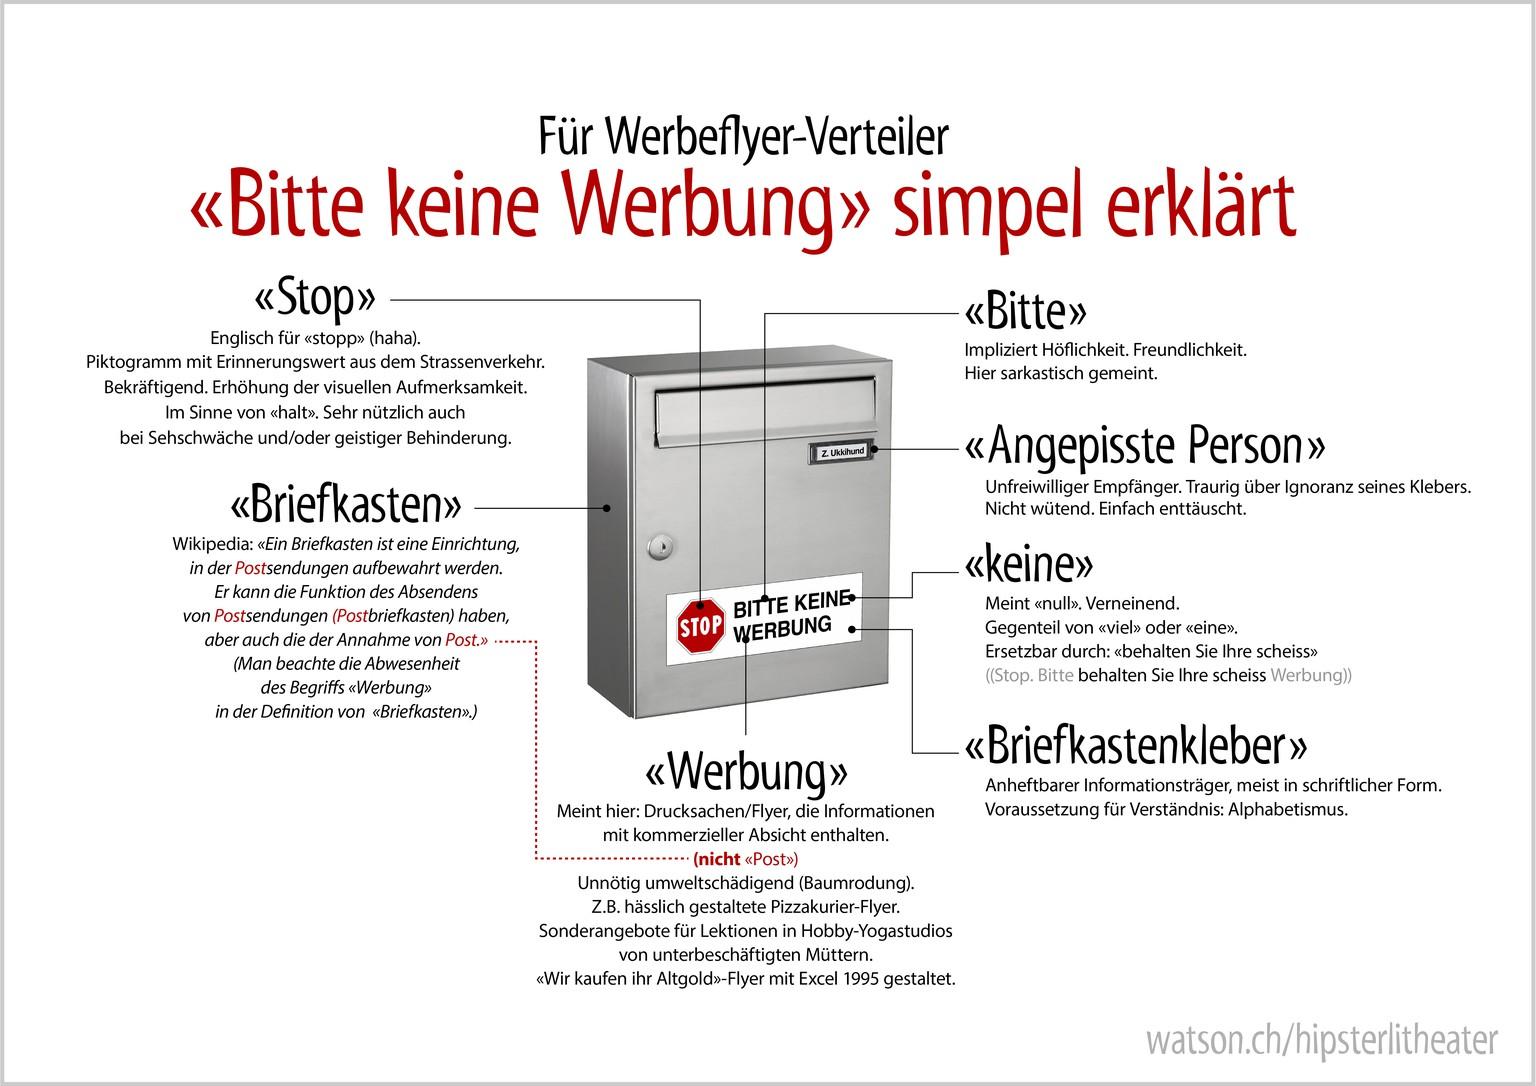 Bitte keine Werbung» simpel erklärt - watson